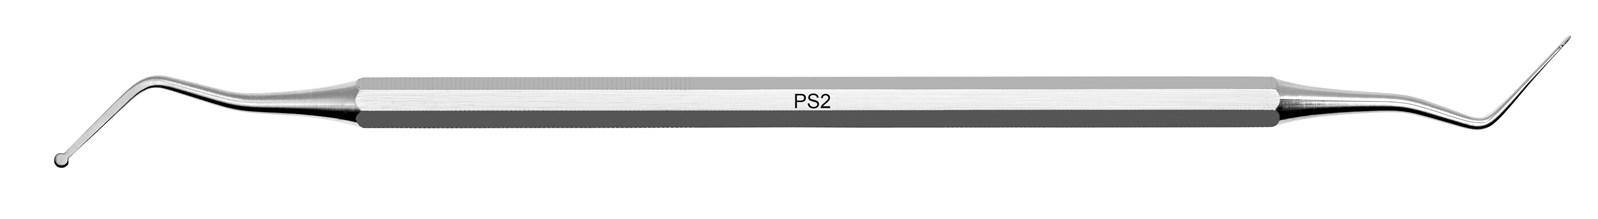 Mikrochirurgický nůž - PS2, ADEP tmavě modrý